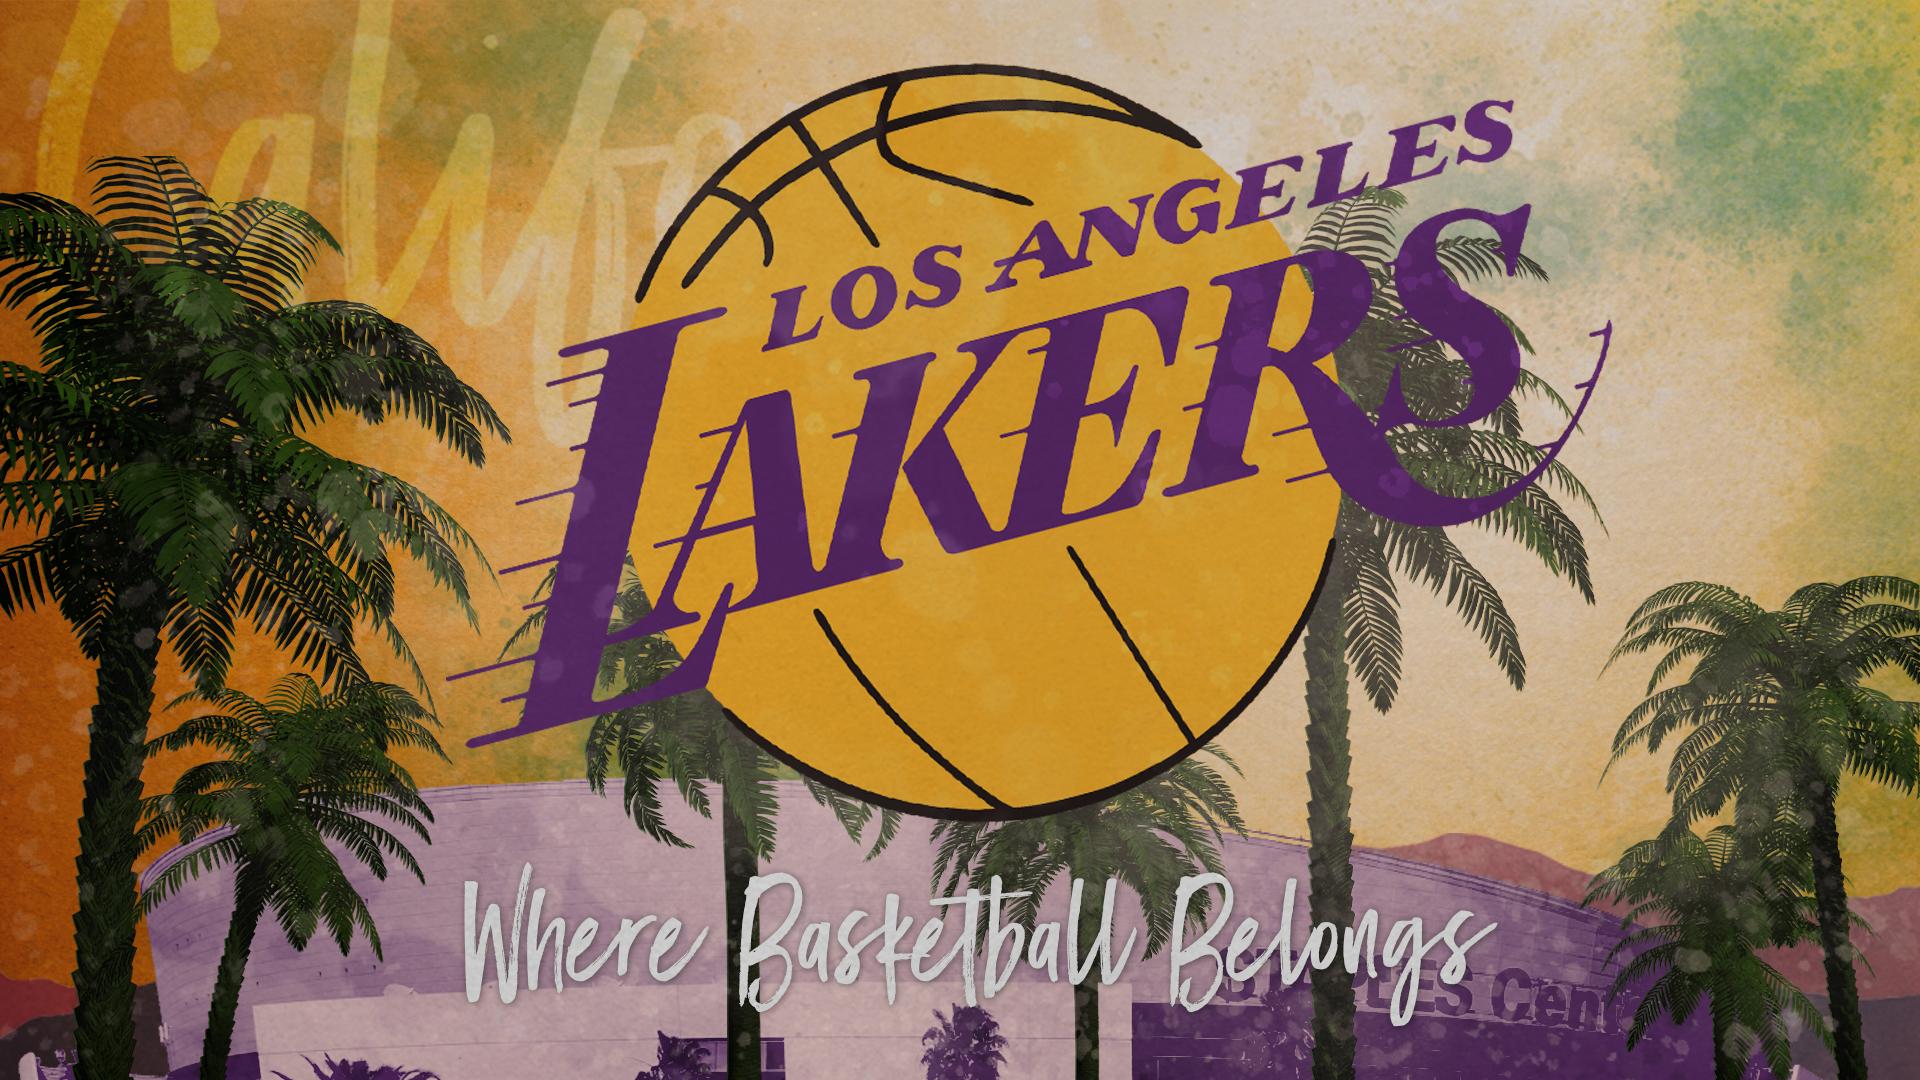 LakersOpen_Frame09_V002.jpg